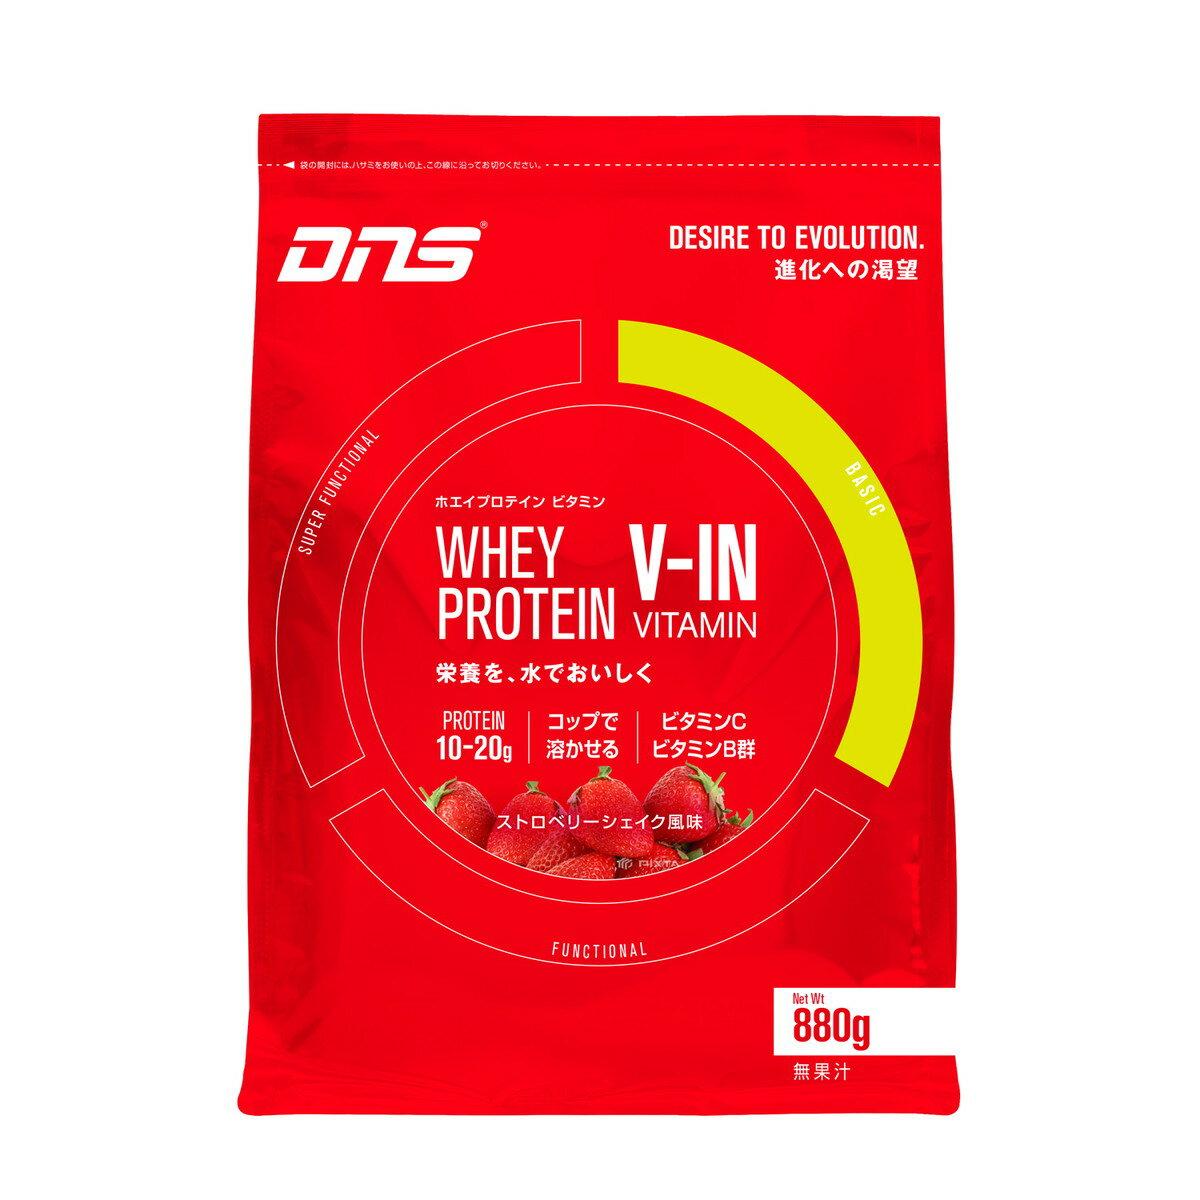 【10個セット】【1ケース分】 DNS ACTIVE ホエイプロテイン ストロベリー 880g ×10個セット 1ケース分  【正規品】 ※軽減税率対応品